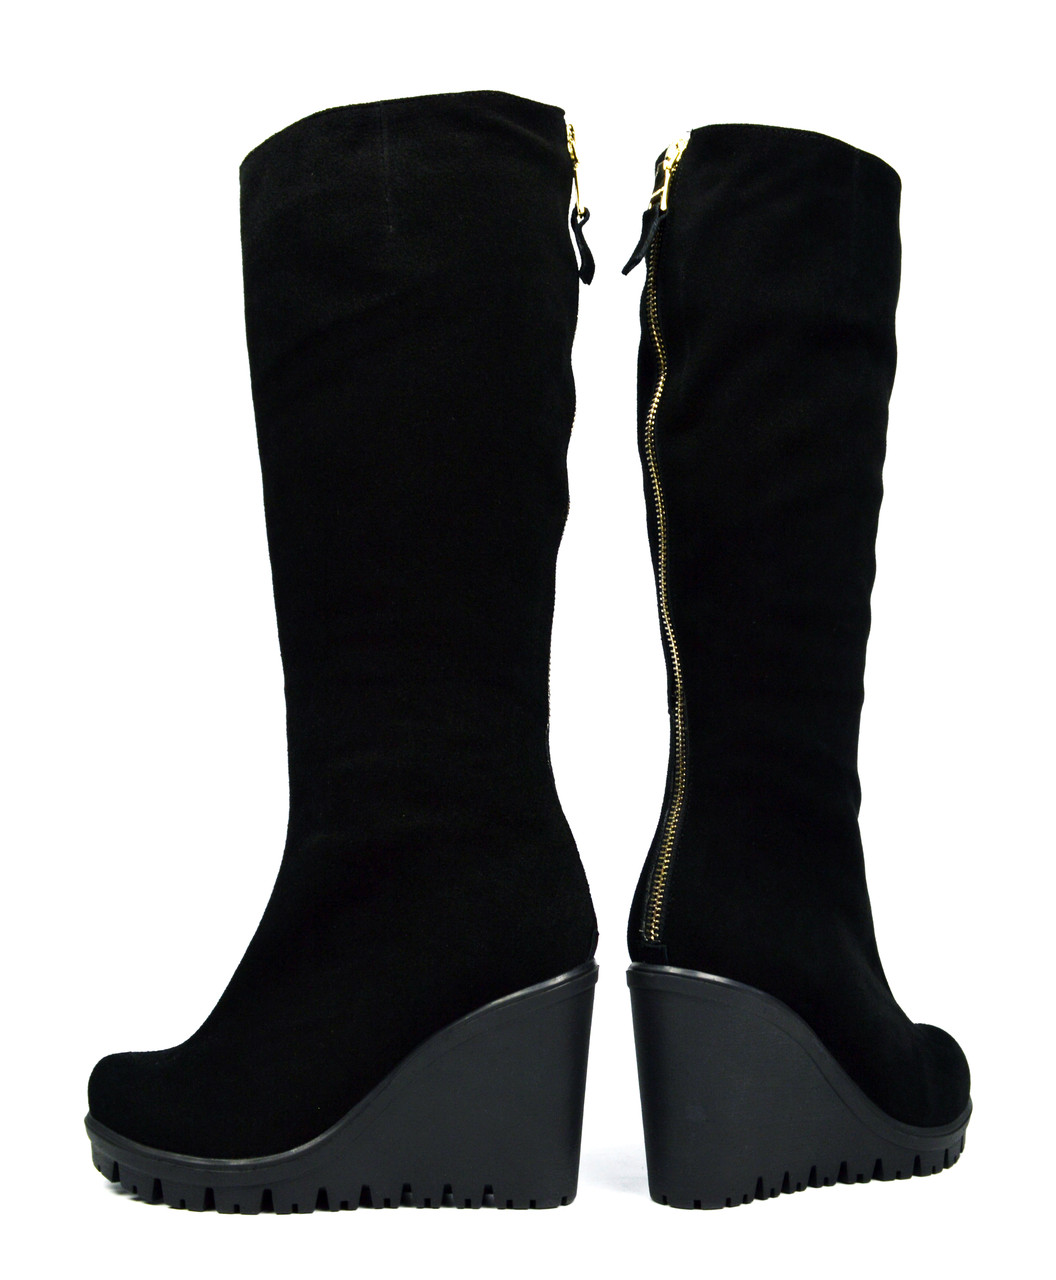 Шикарные черные зимние женские замшевые сапоги SAIL на танкетке ( с мехом, шерсть ) ( Только 40 р. )